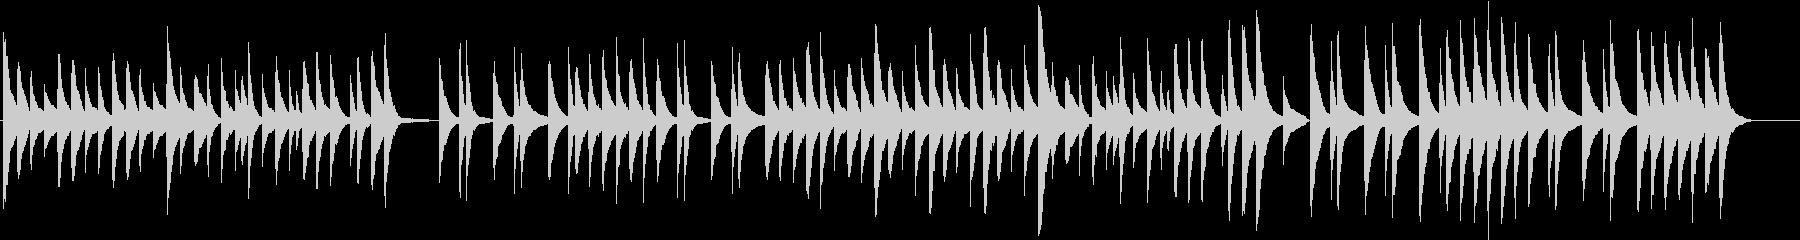 シンプルだけど癒やされるピアノ曲の未再生の波形